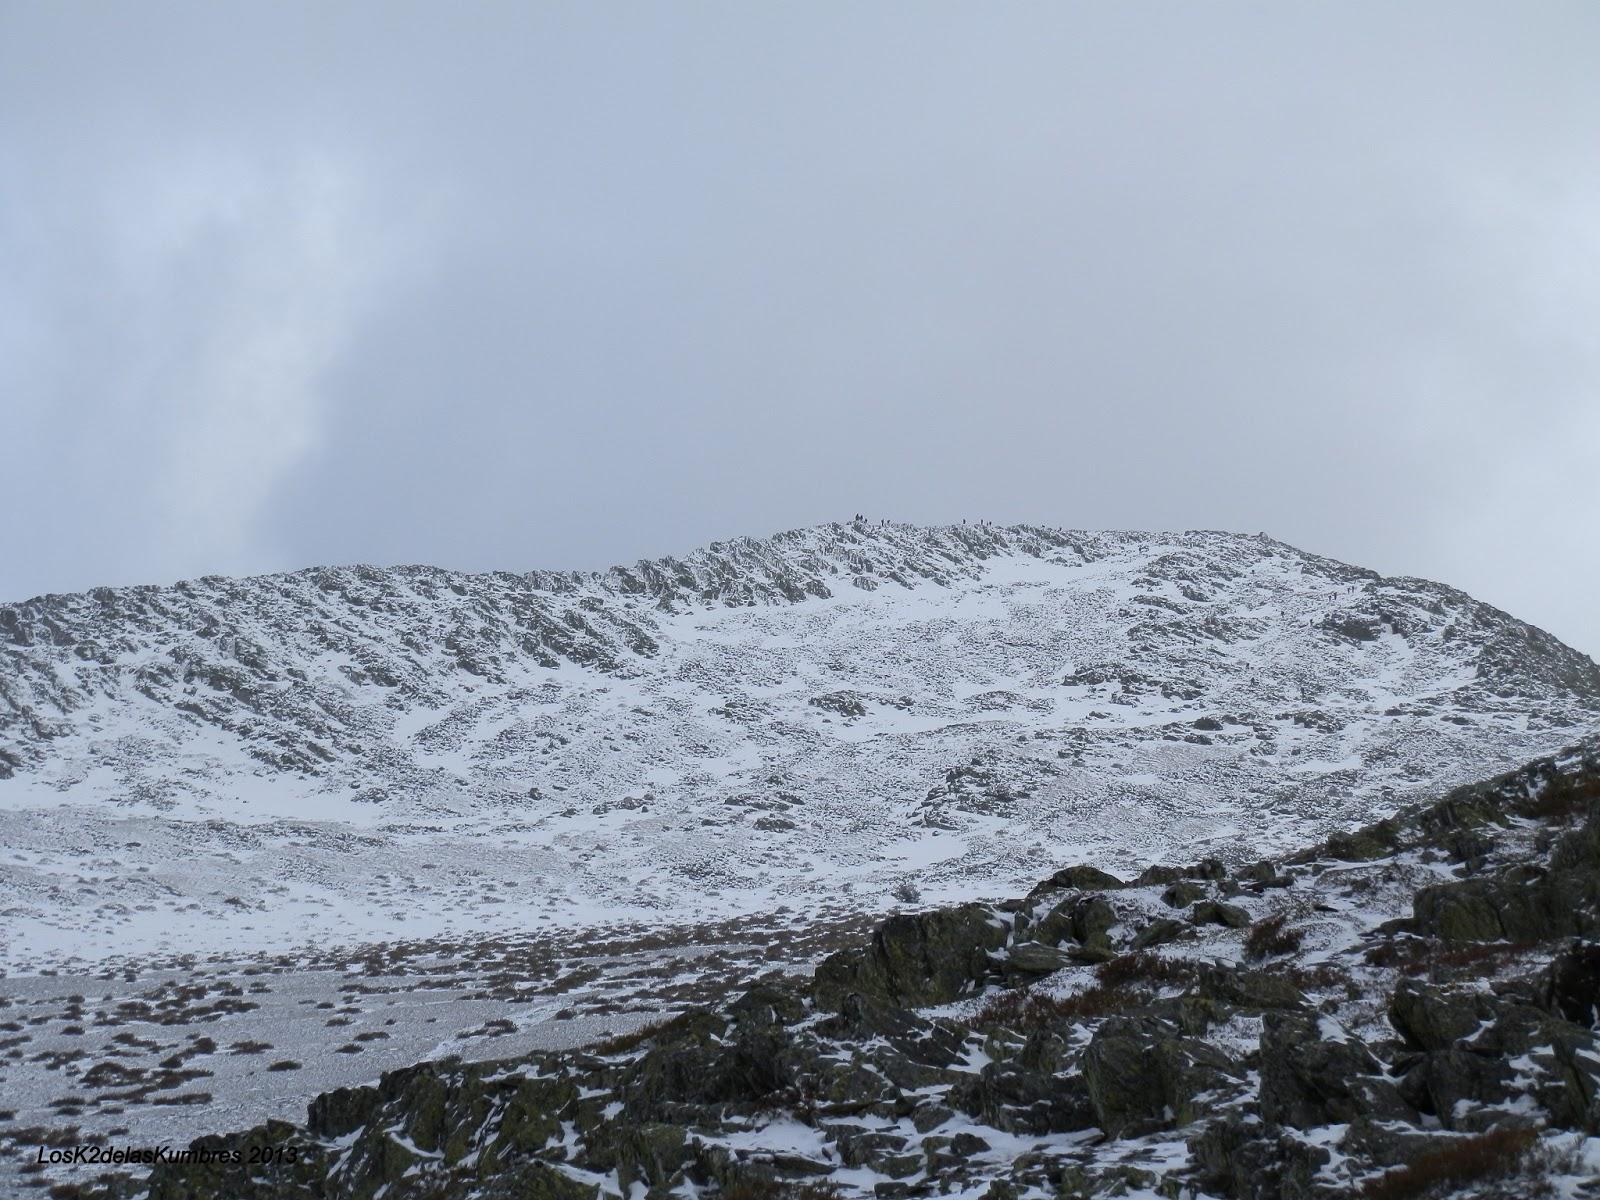 cumbre del Ocejon, Sierra de Ocejon, Sierra de Ayllon